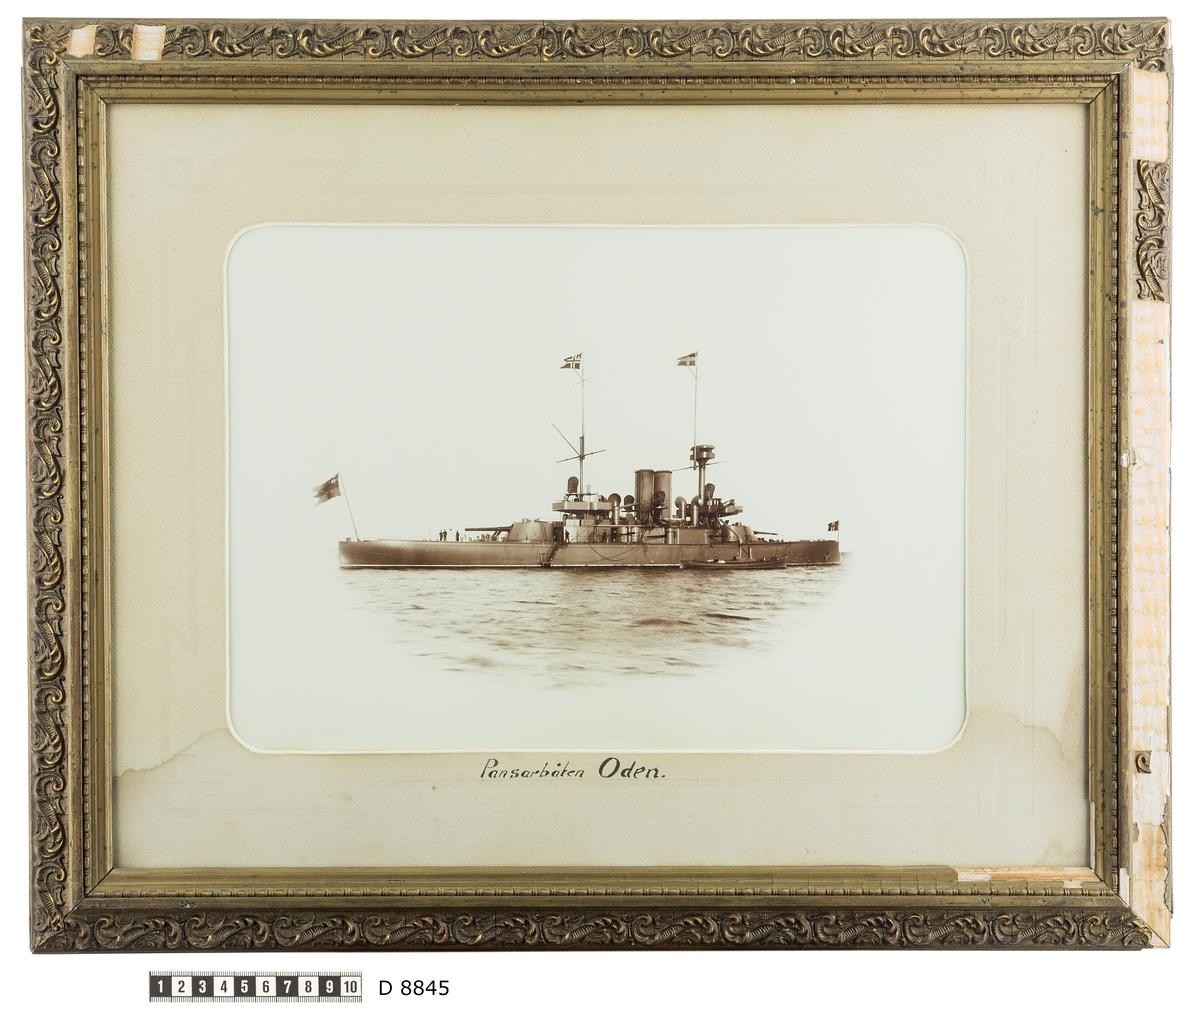 Fartygsporträtt som visar pansarbåten Oden till ankars. Fartyget syns från babordssidan där ett mindre ångbåt ligger förtöjt. Flera repstege leder upp till däcket. På akterdäcket står tre men som verka samtala.